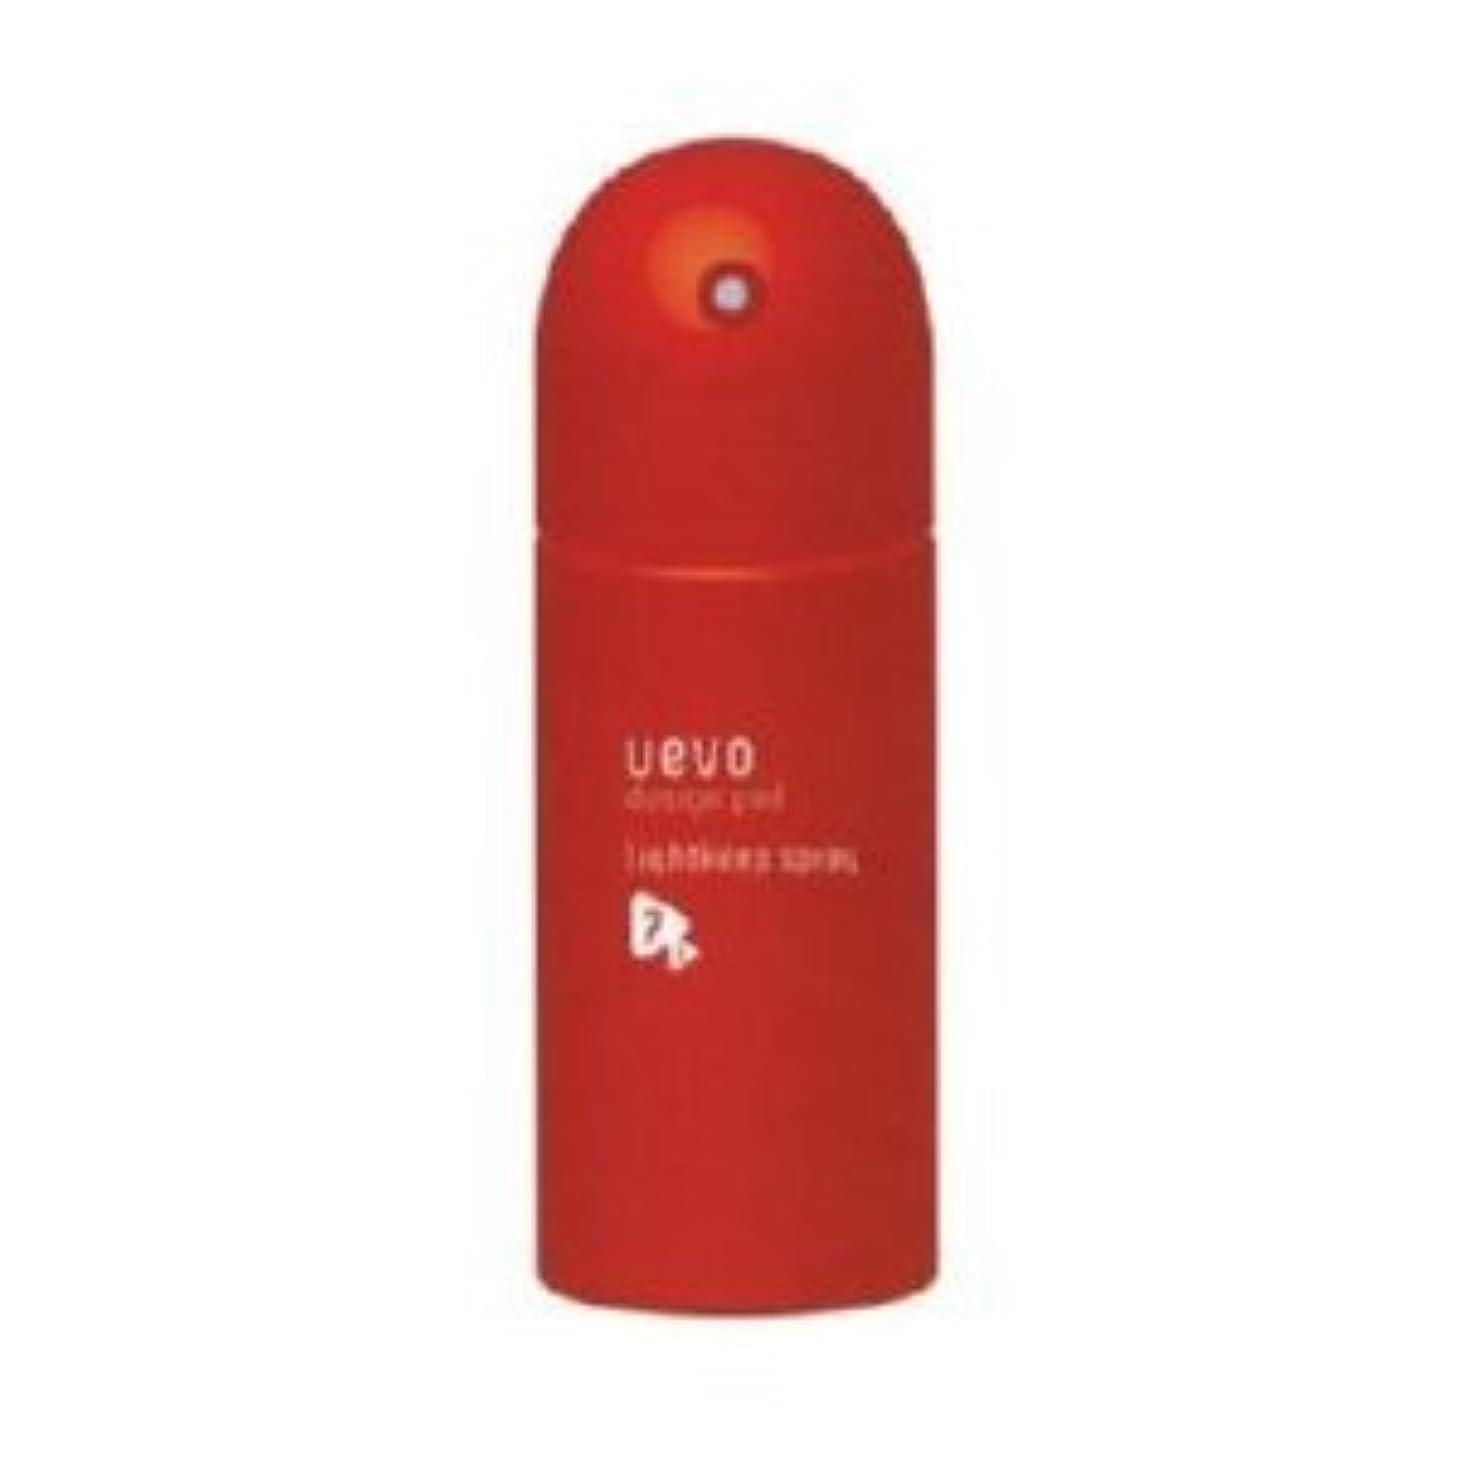 徹底最も早いコカイン【X2個セット】 デミ ウェーボ デザインポッド ライトキープスプレー 220ml lightkeep spray DEMI uevo design pod